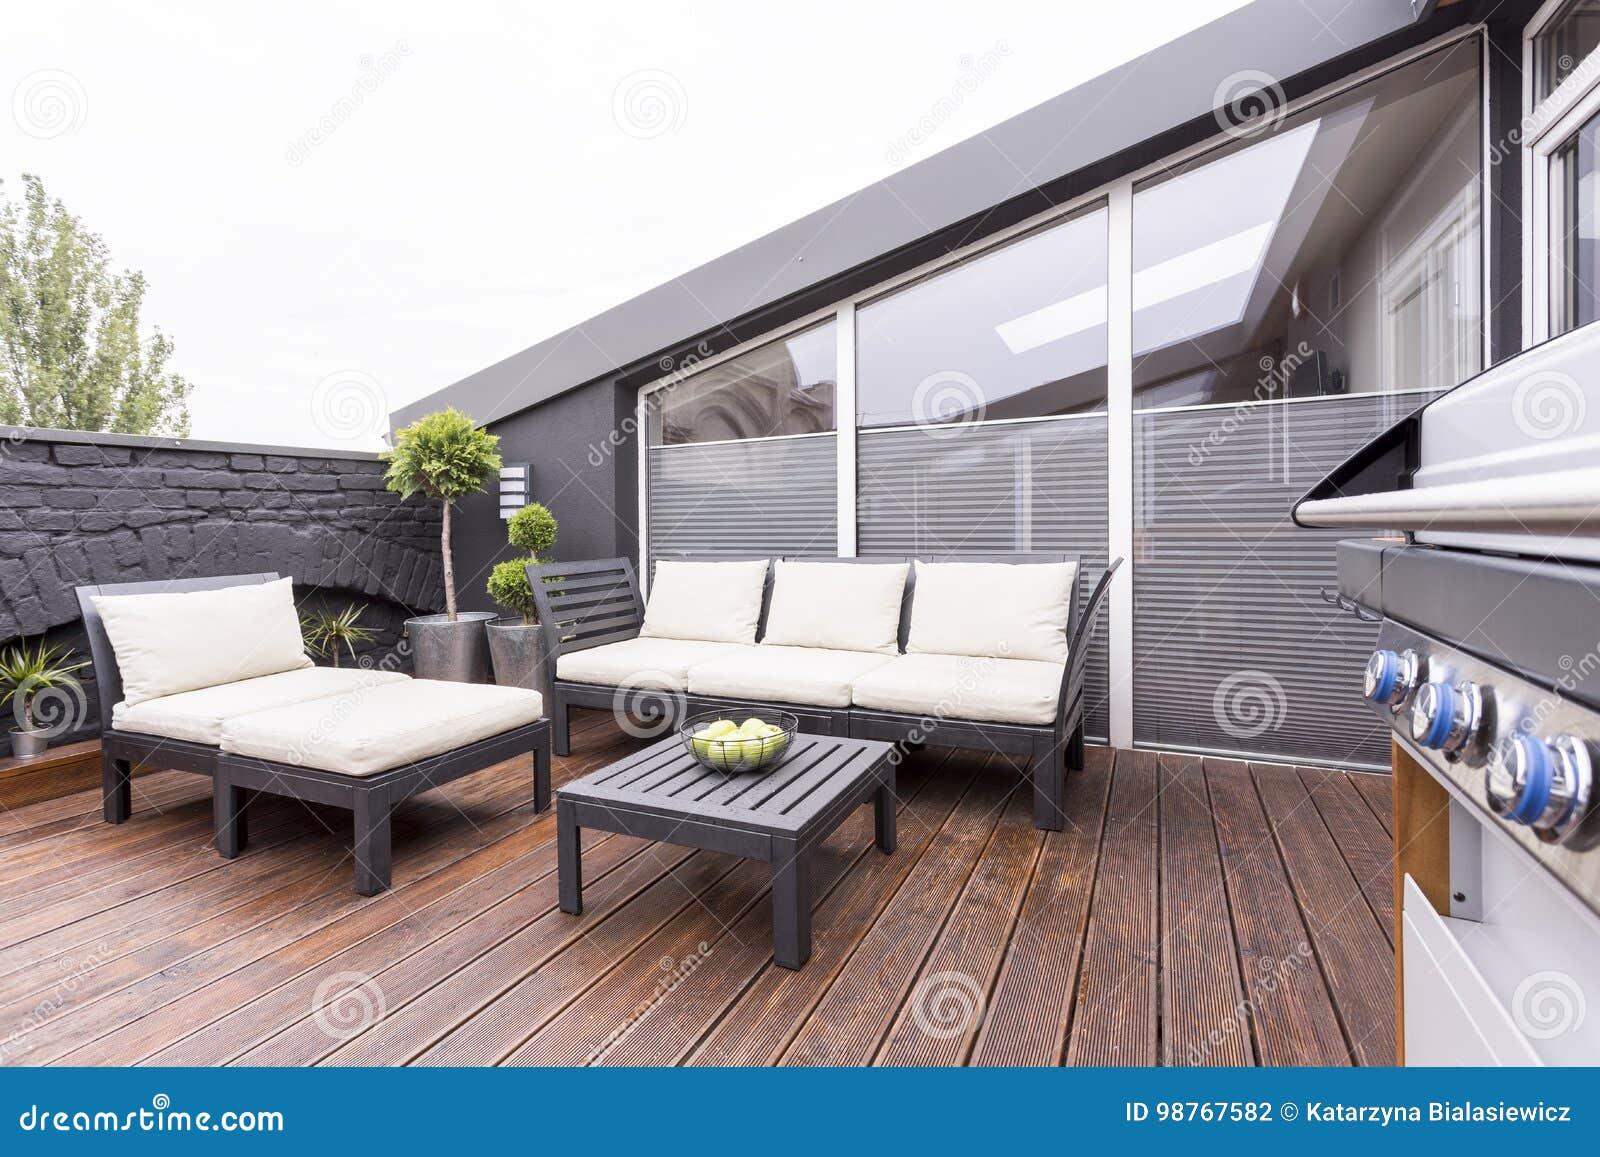 Terraza elegante con muebles del jard n foto de archivo for Muebles encantadores del pais elegante